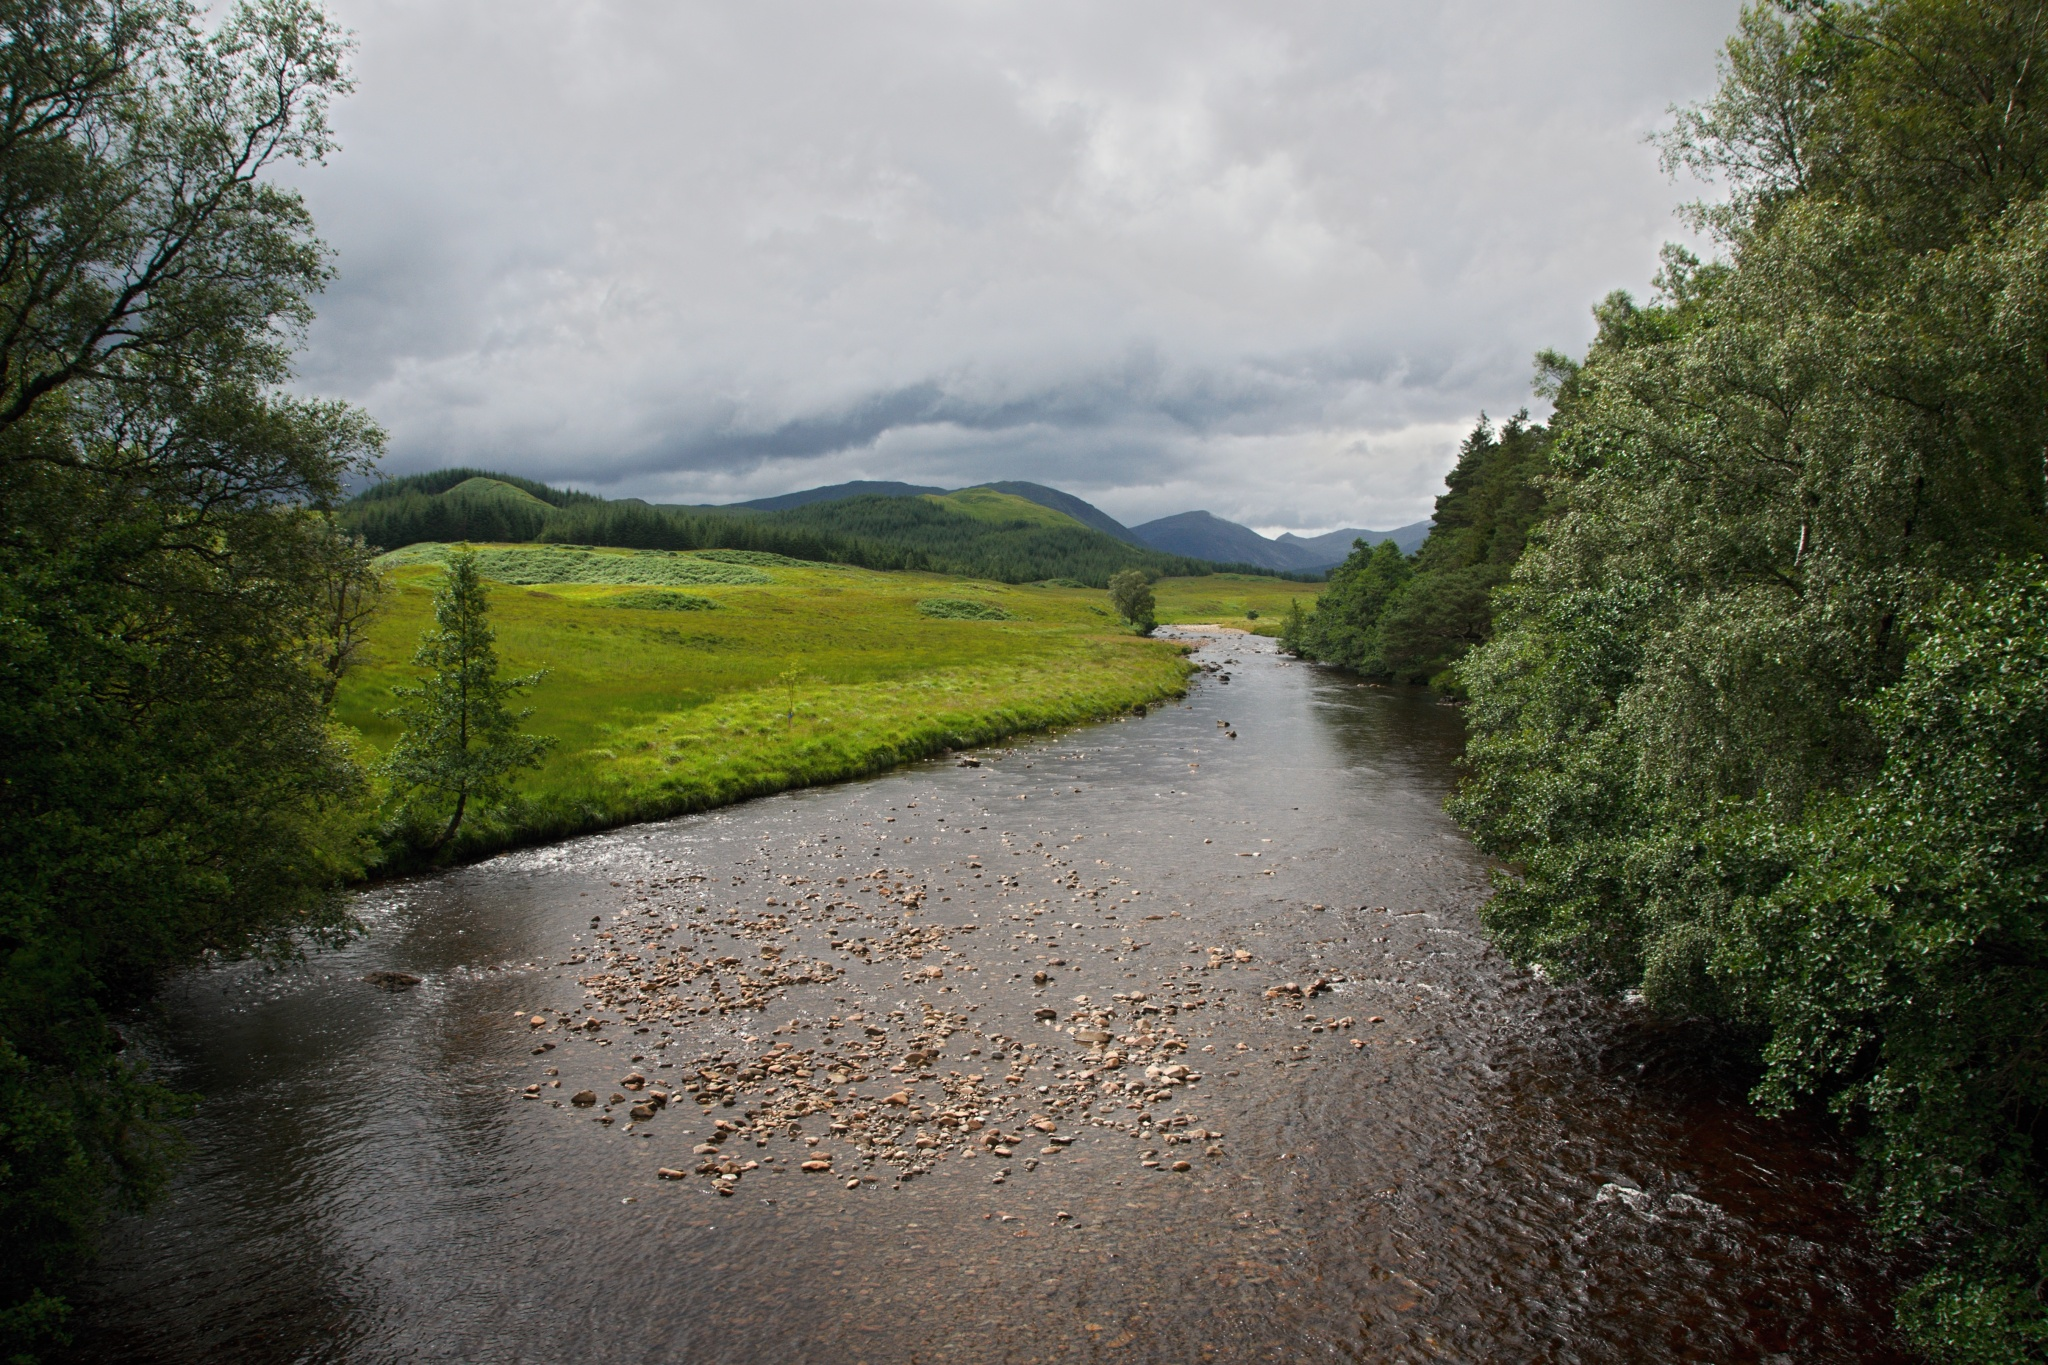 Řeka Abhainn Shira